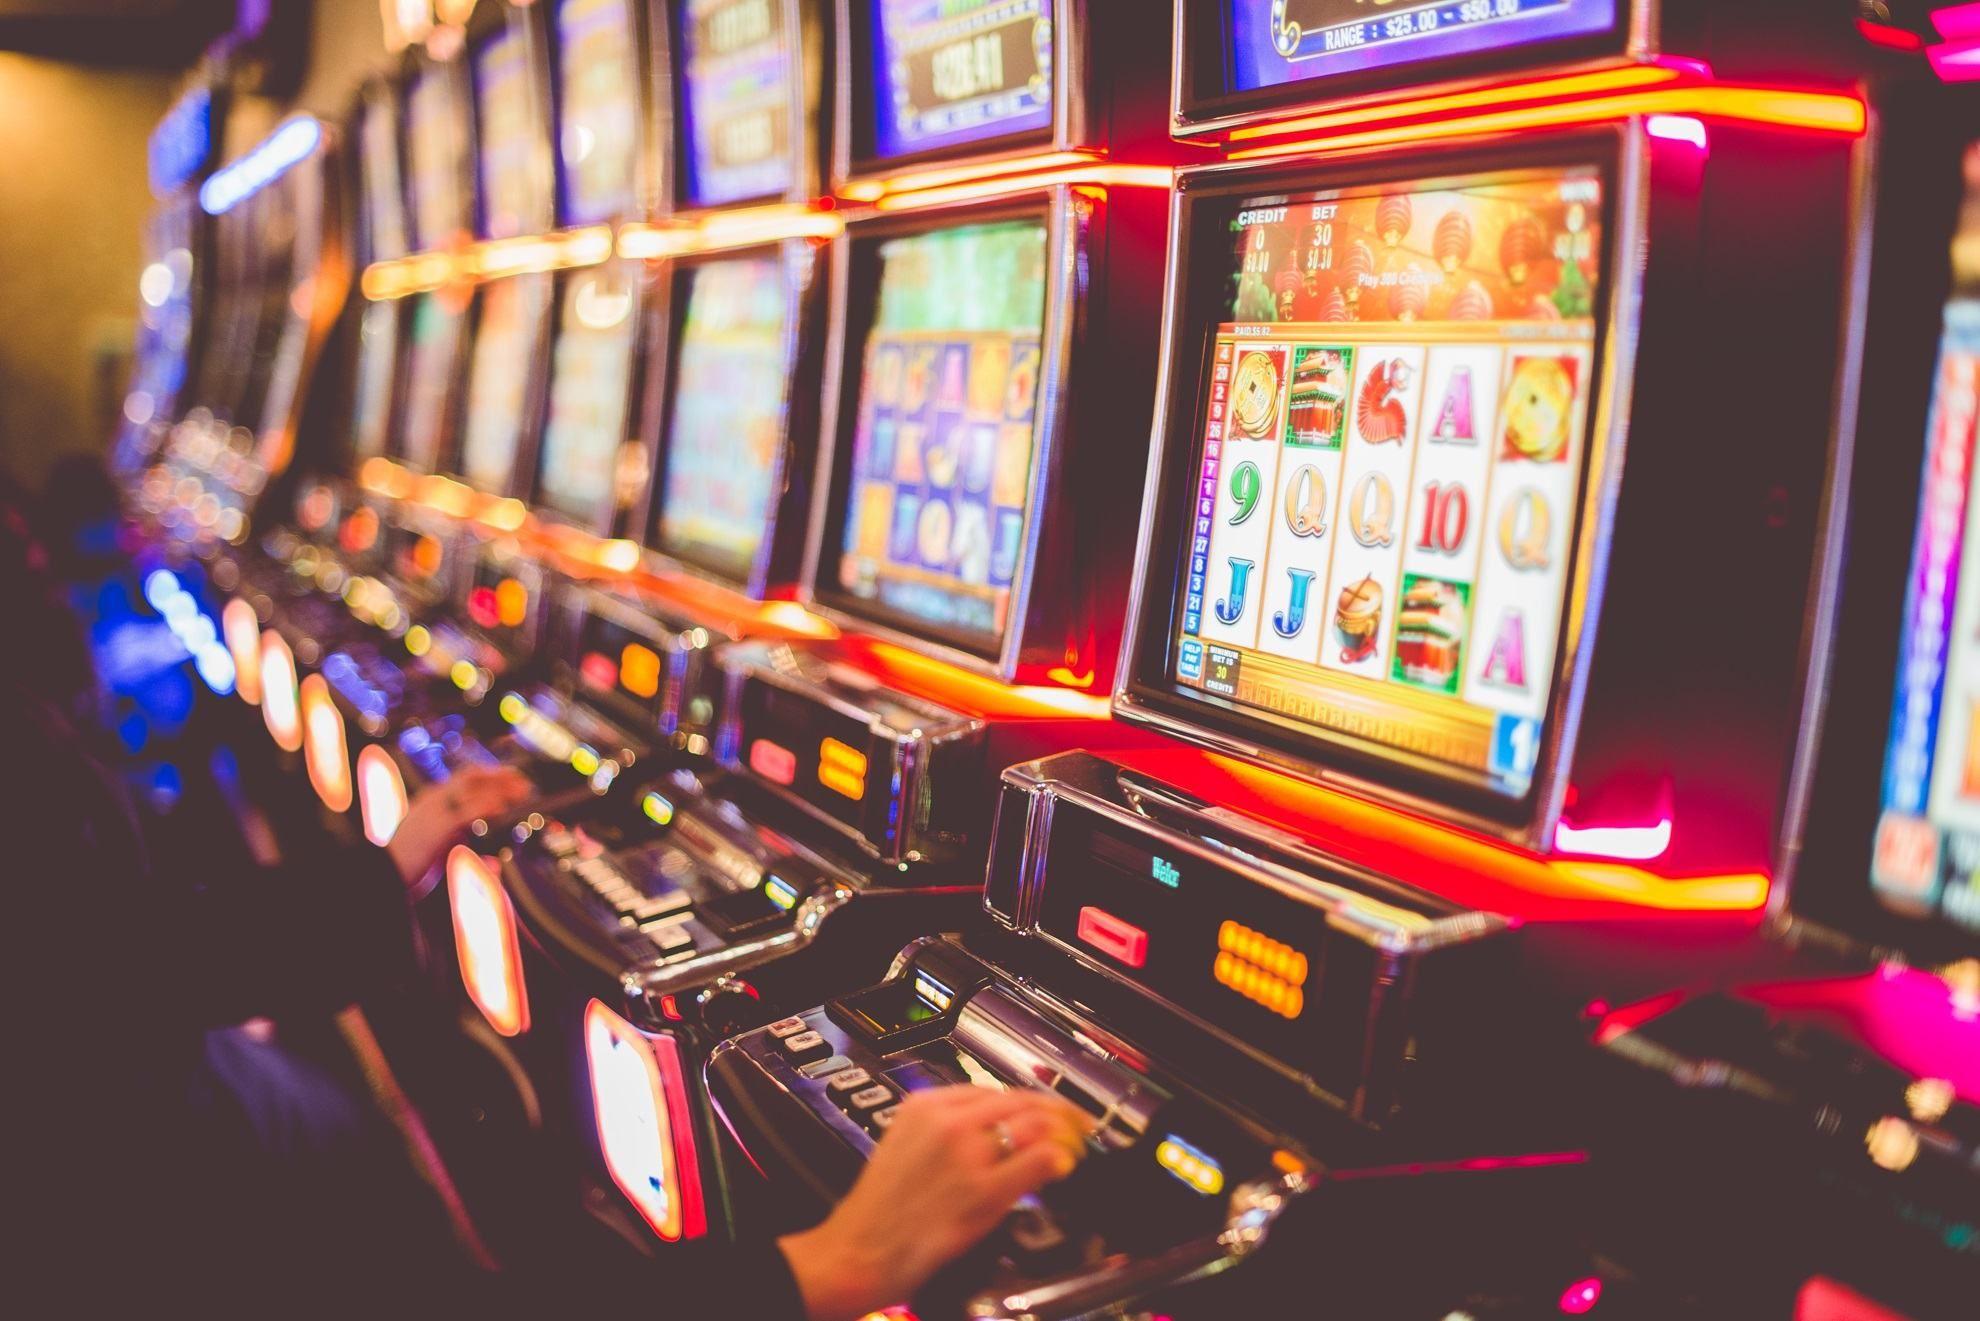 Закрытие нелегальных игорных заведений: есть ли в Украине подпольные казино - Новости Кропивницкий - 24 Канал